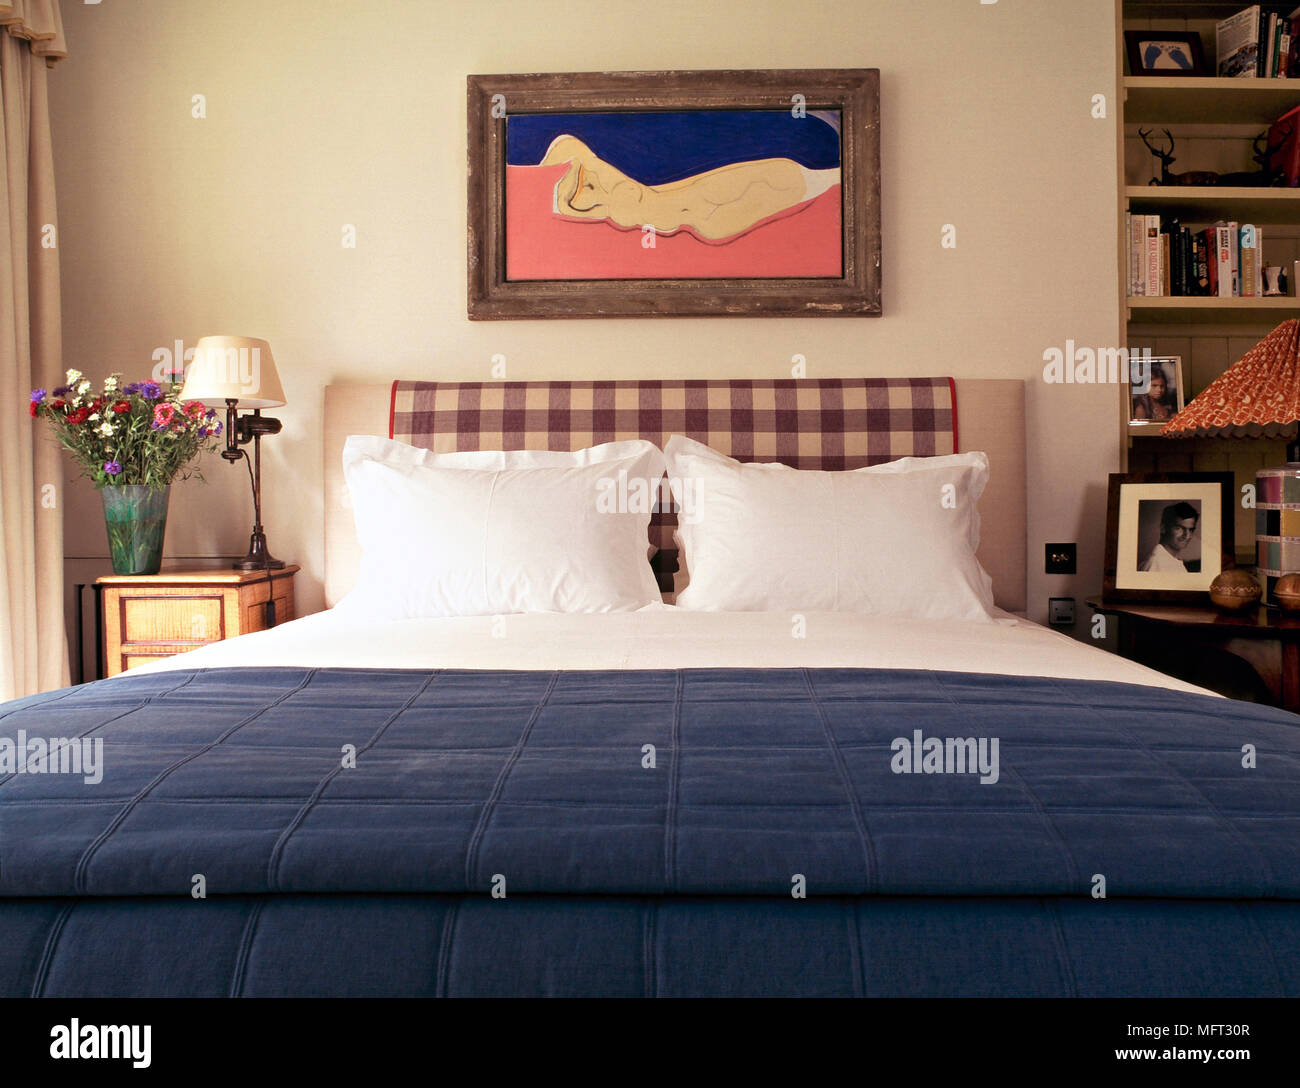 Traditionelle Schlafzimmer detail Bett gepolstertes Kopfteil ...